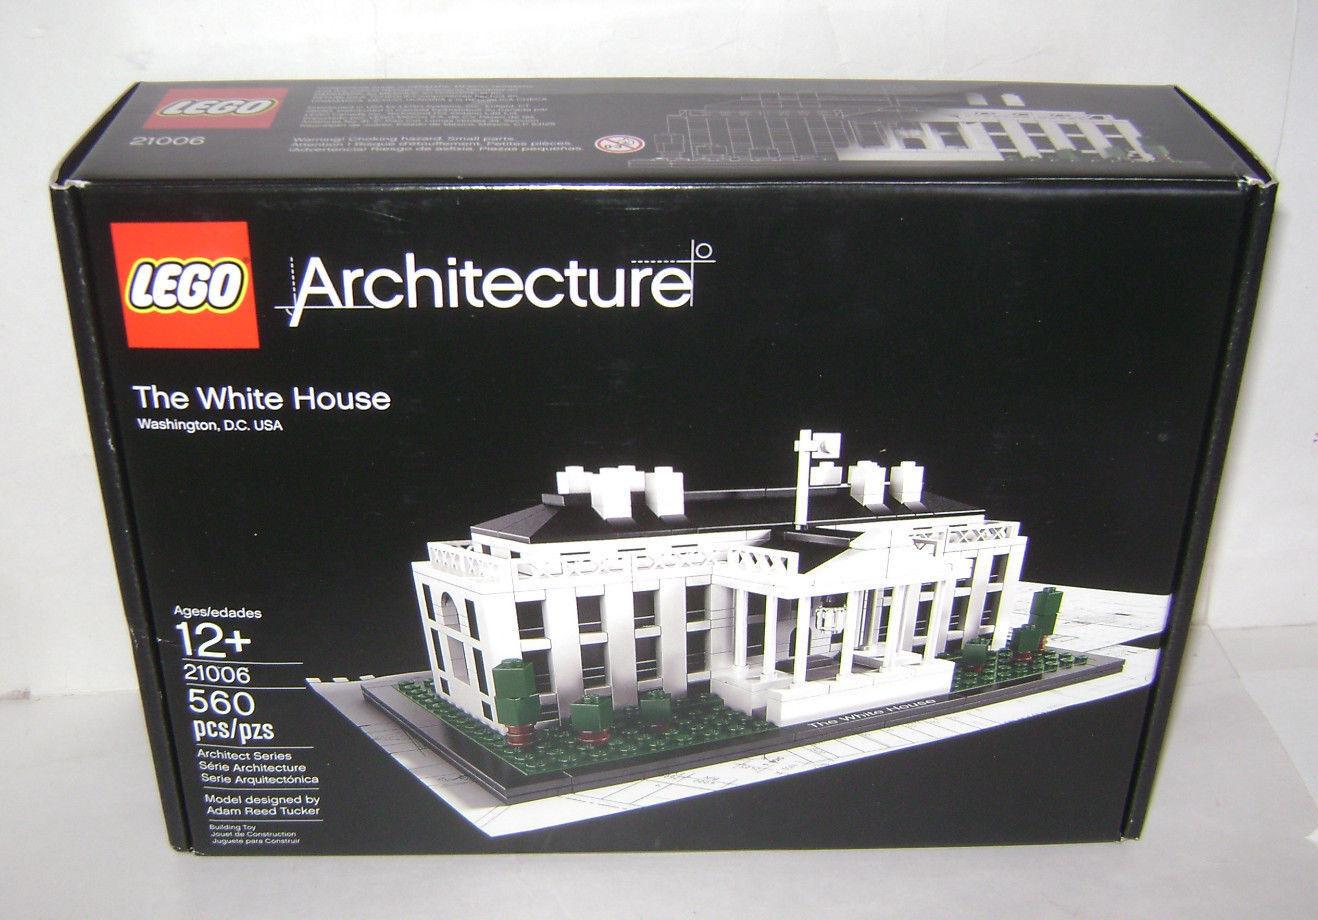 Nuevo 21006 arquitectura de LEGO juguete de construcción de la Casa blancoa Caja Sellada un jubilado